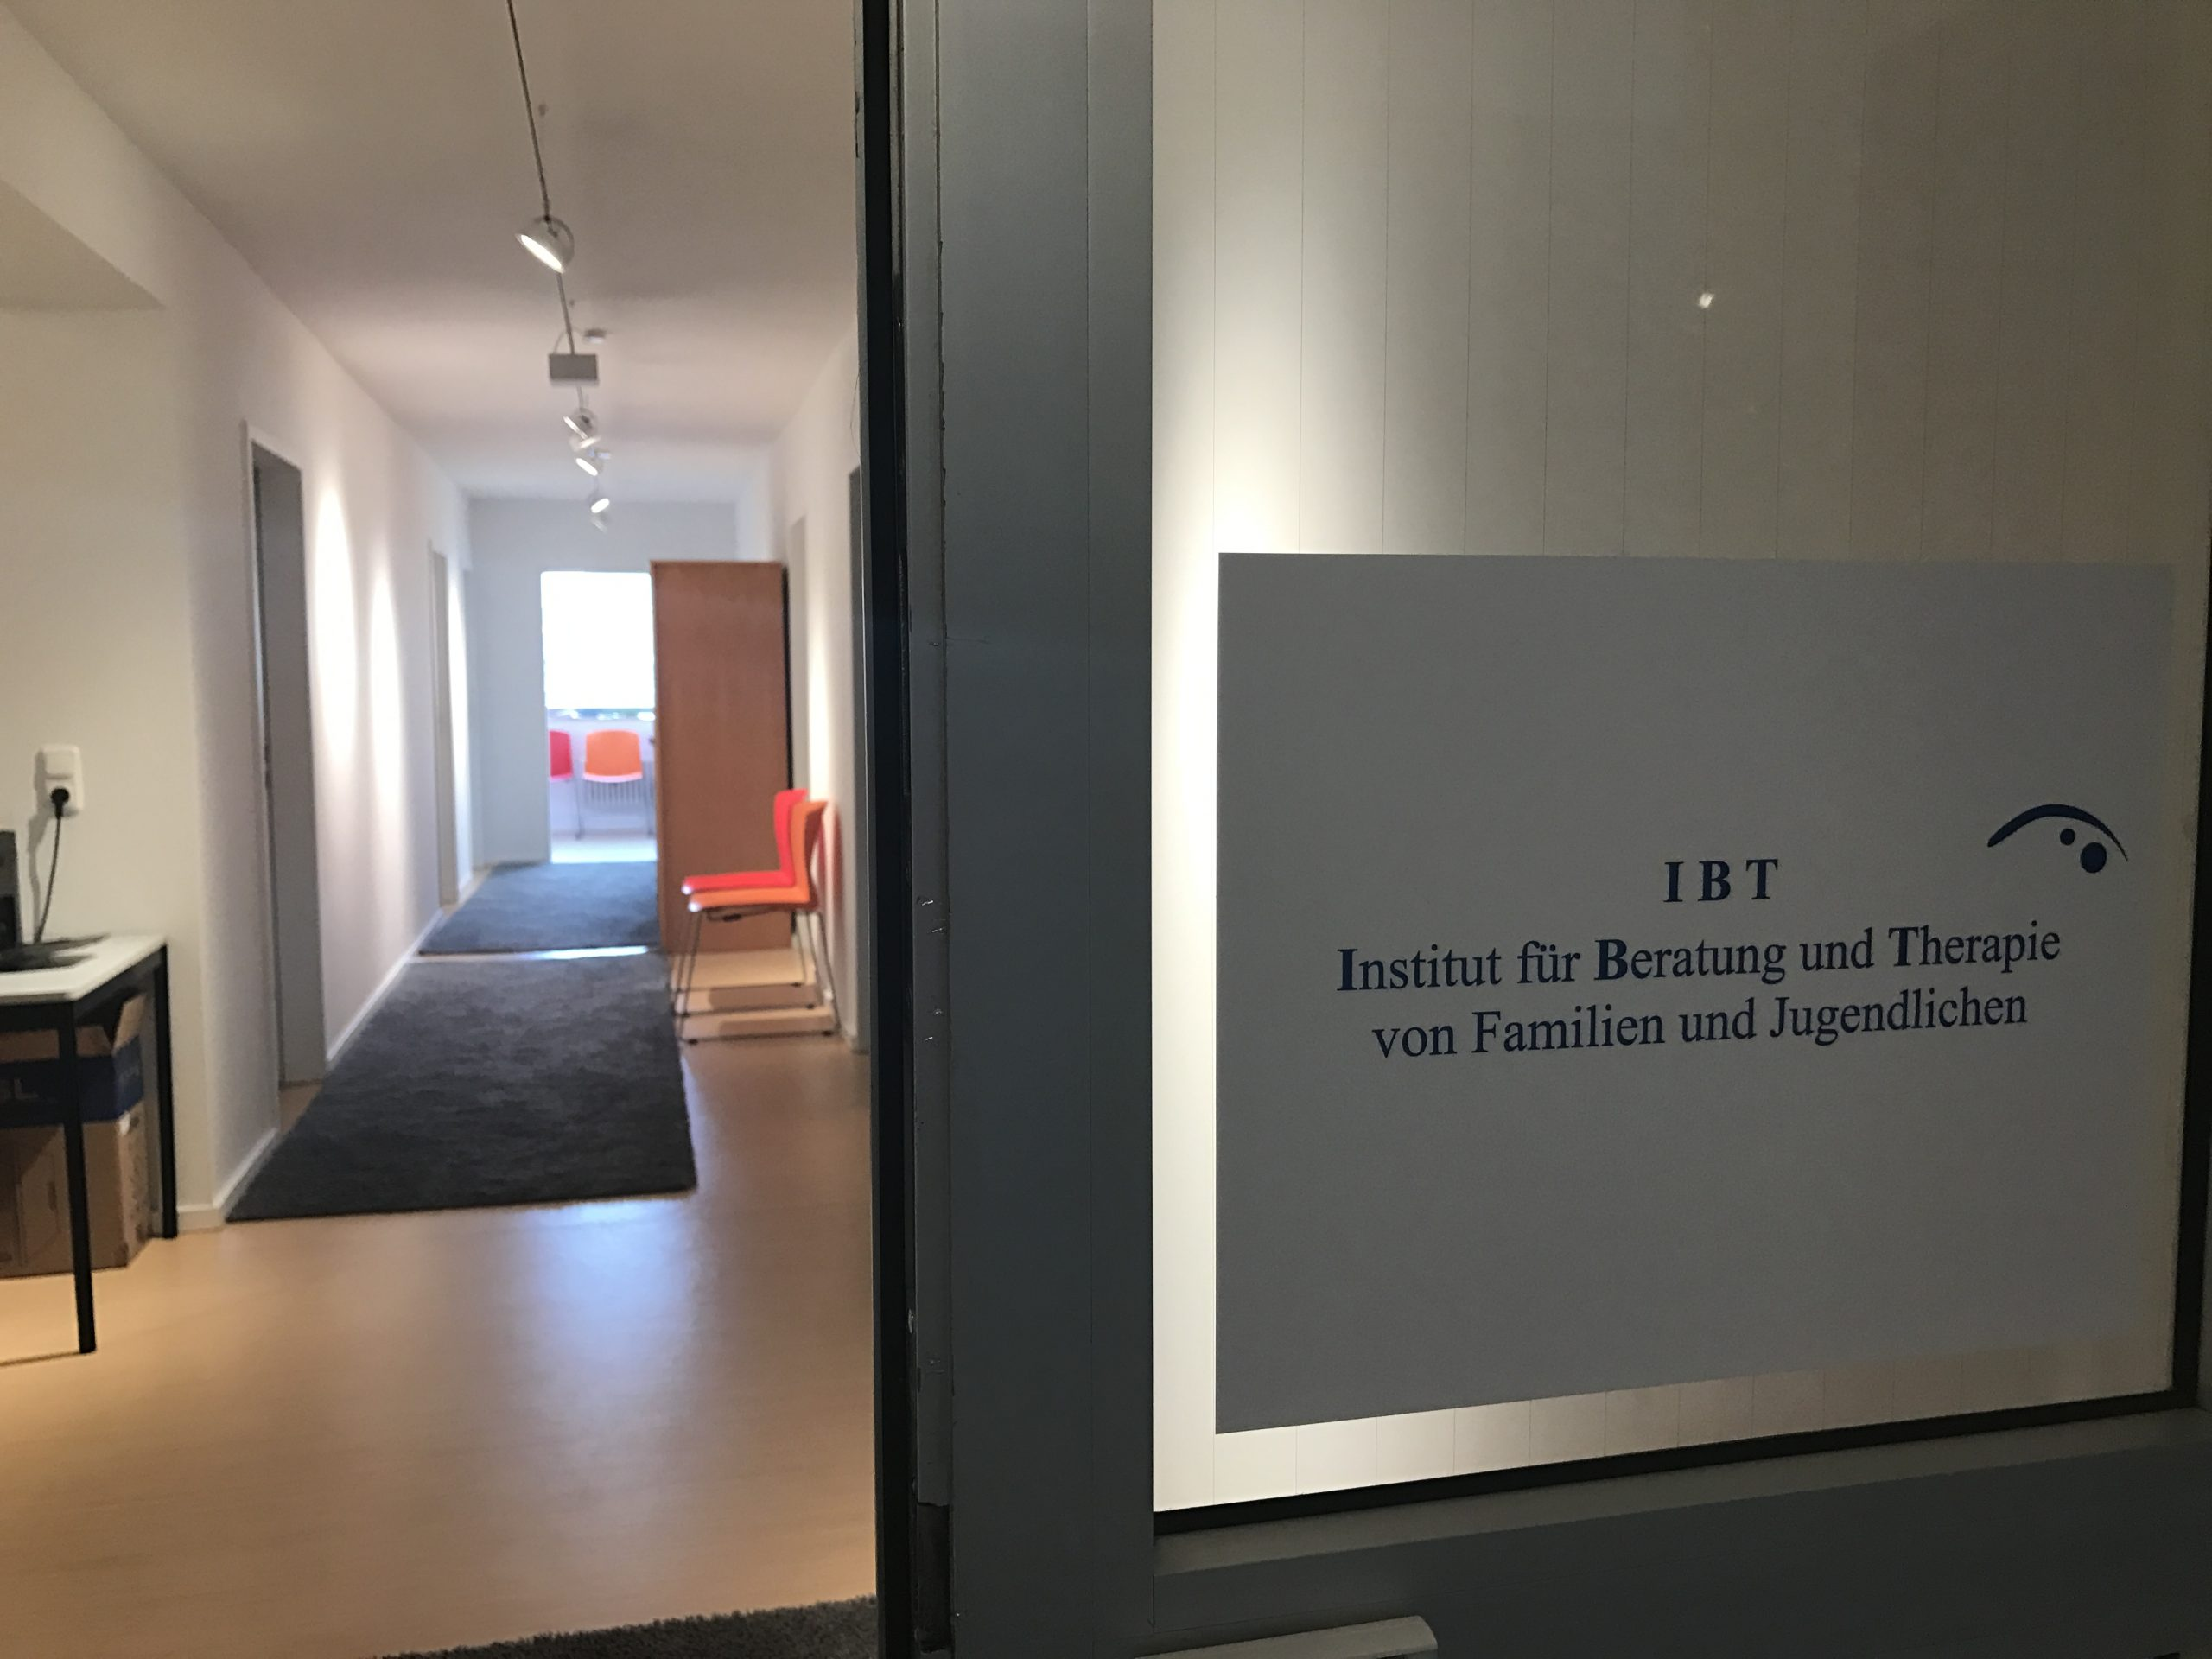 Institut für Beratung und Therapie von Familien und Jugendlichen in Wiesbaden - ITB - Unsere Räume - 6